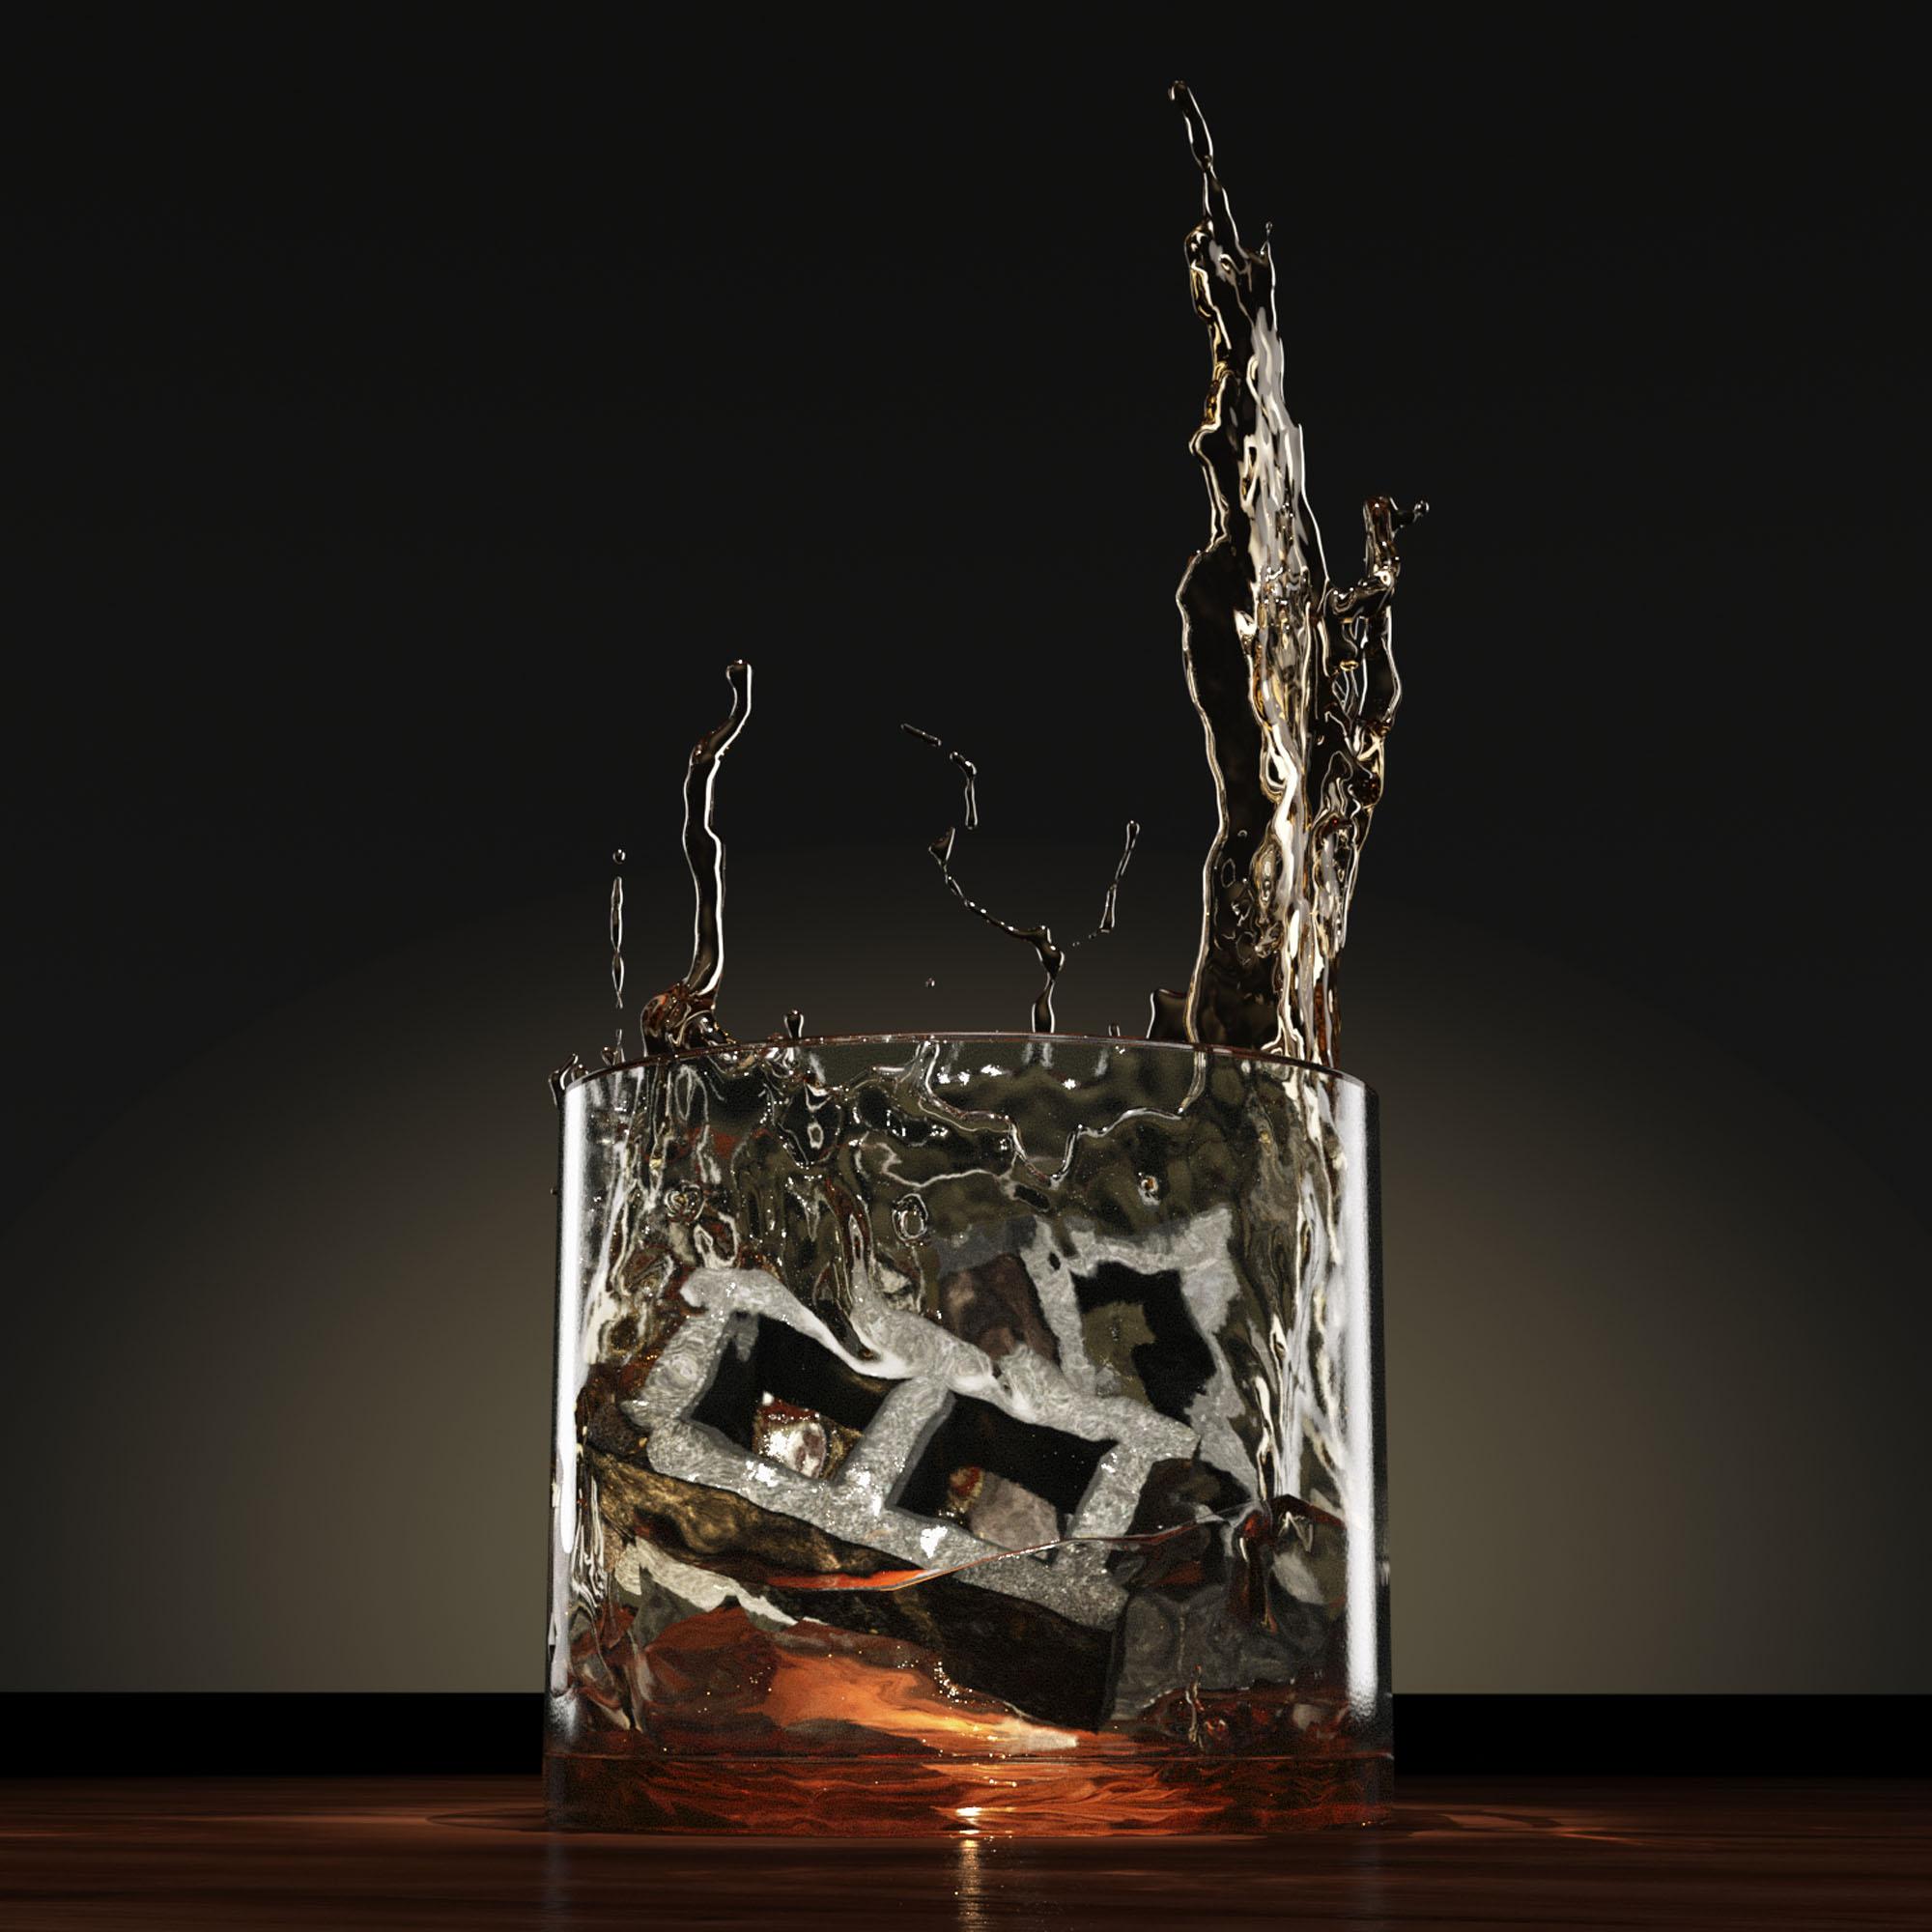 whiskey_nologo_09.jpg